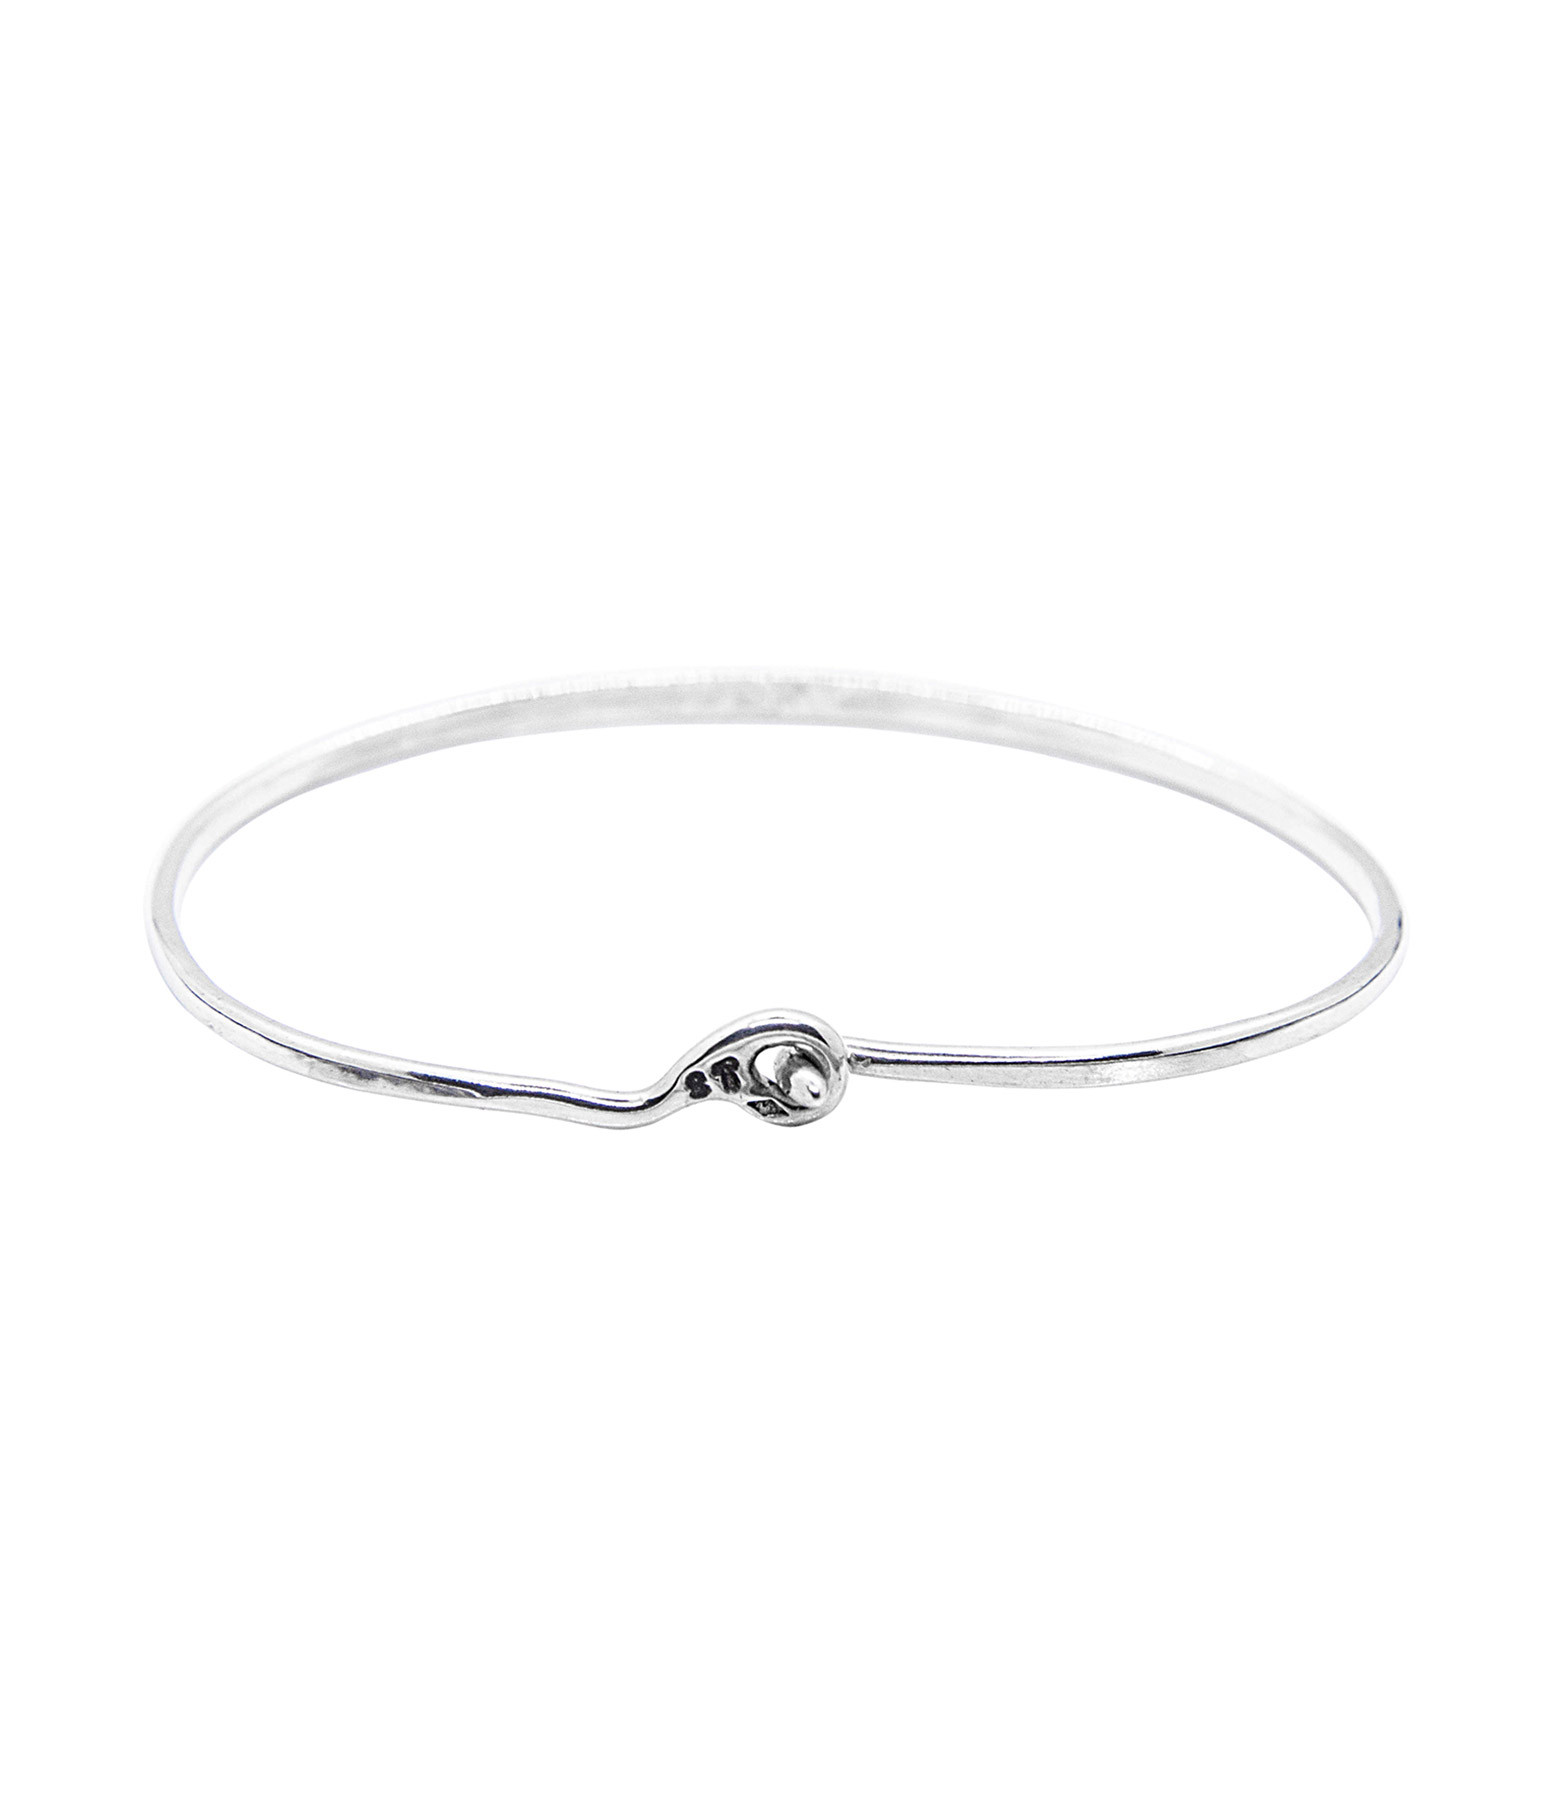 SERGE THORAVAL - Bracelet Love Argent